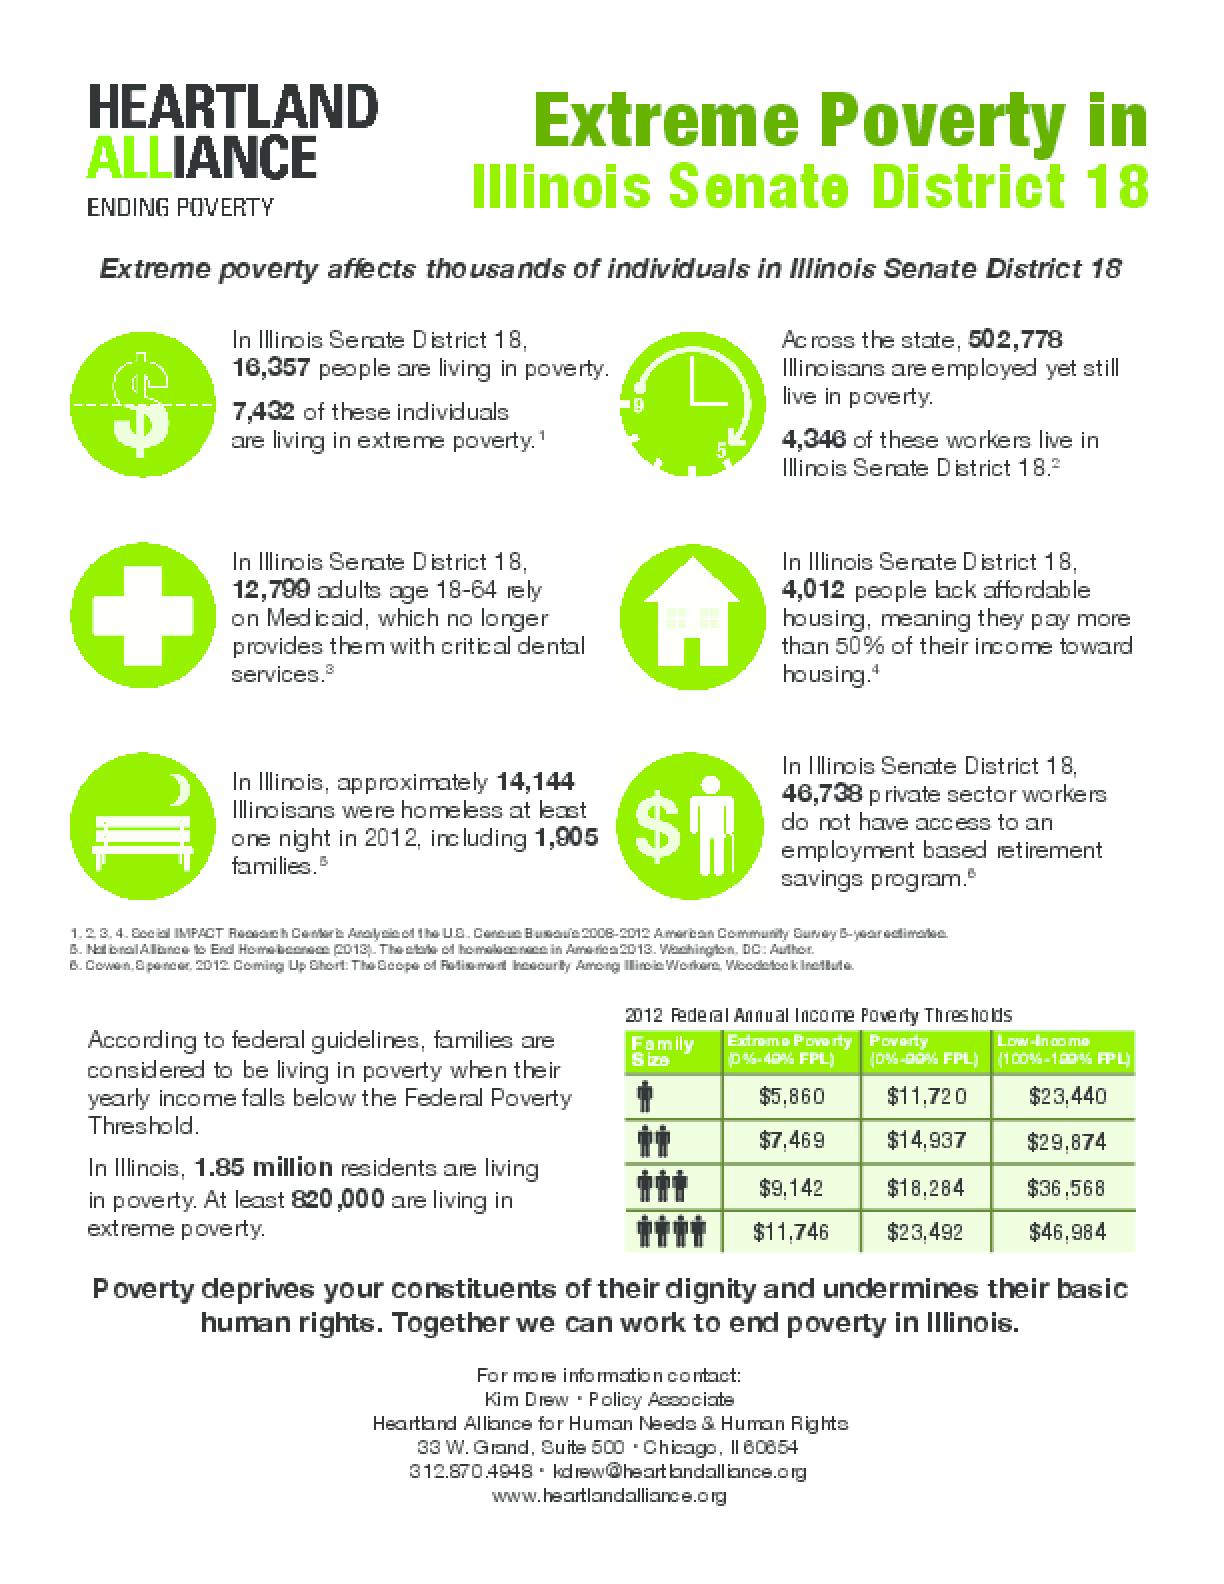 Poverty Fact Sheet for Illinois Senate District 18